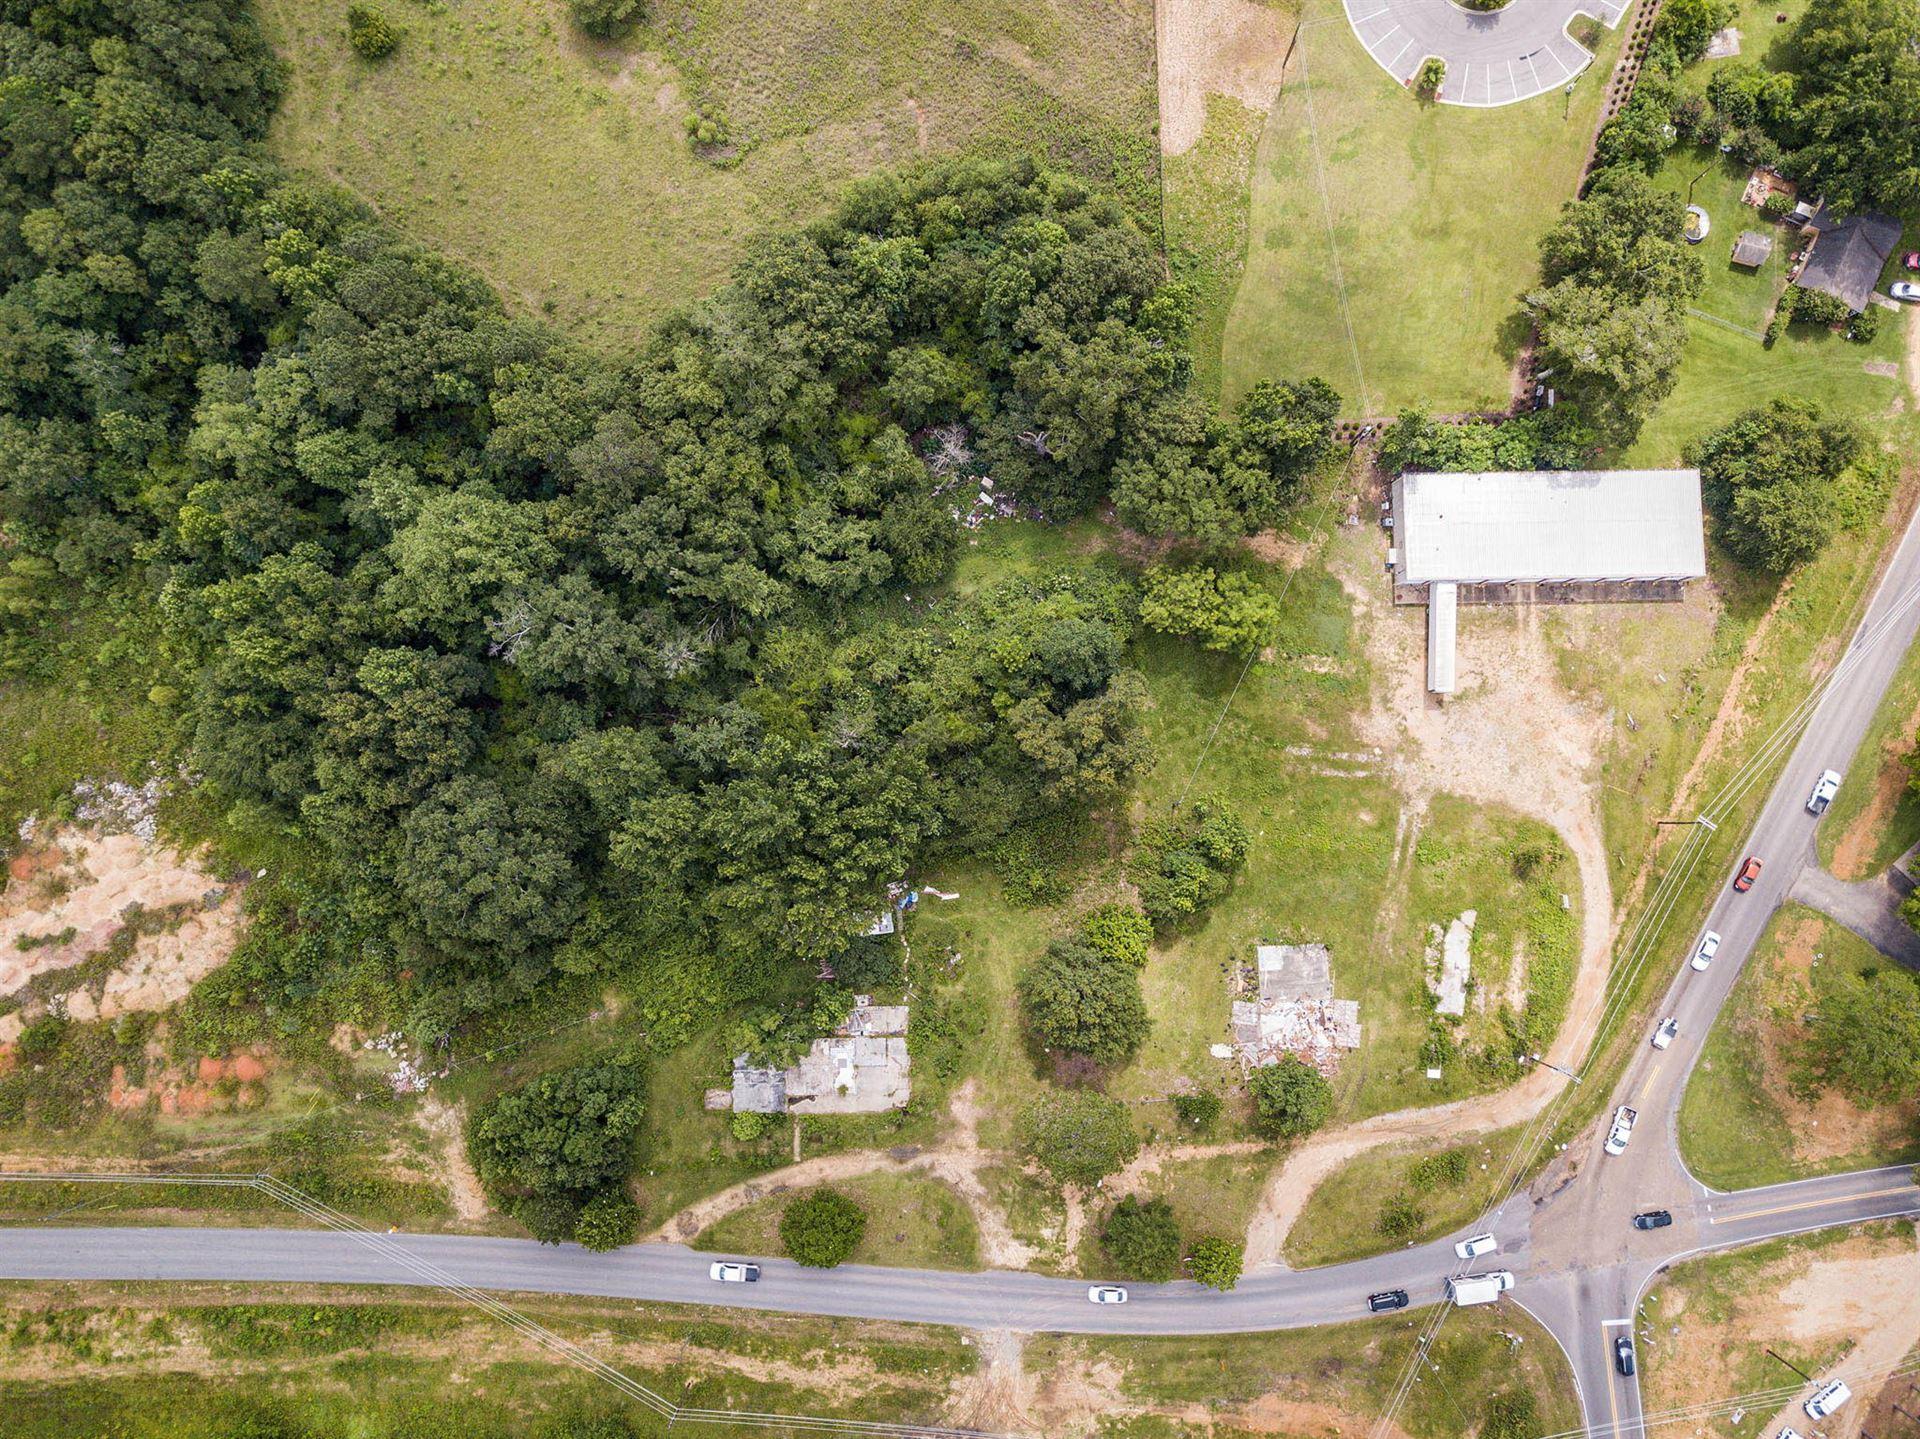 Photo of 292 Hegwood Rd., Hattiesburg, MS 39402 (MLS # 125967)